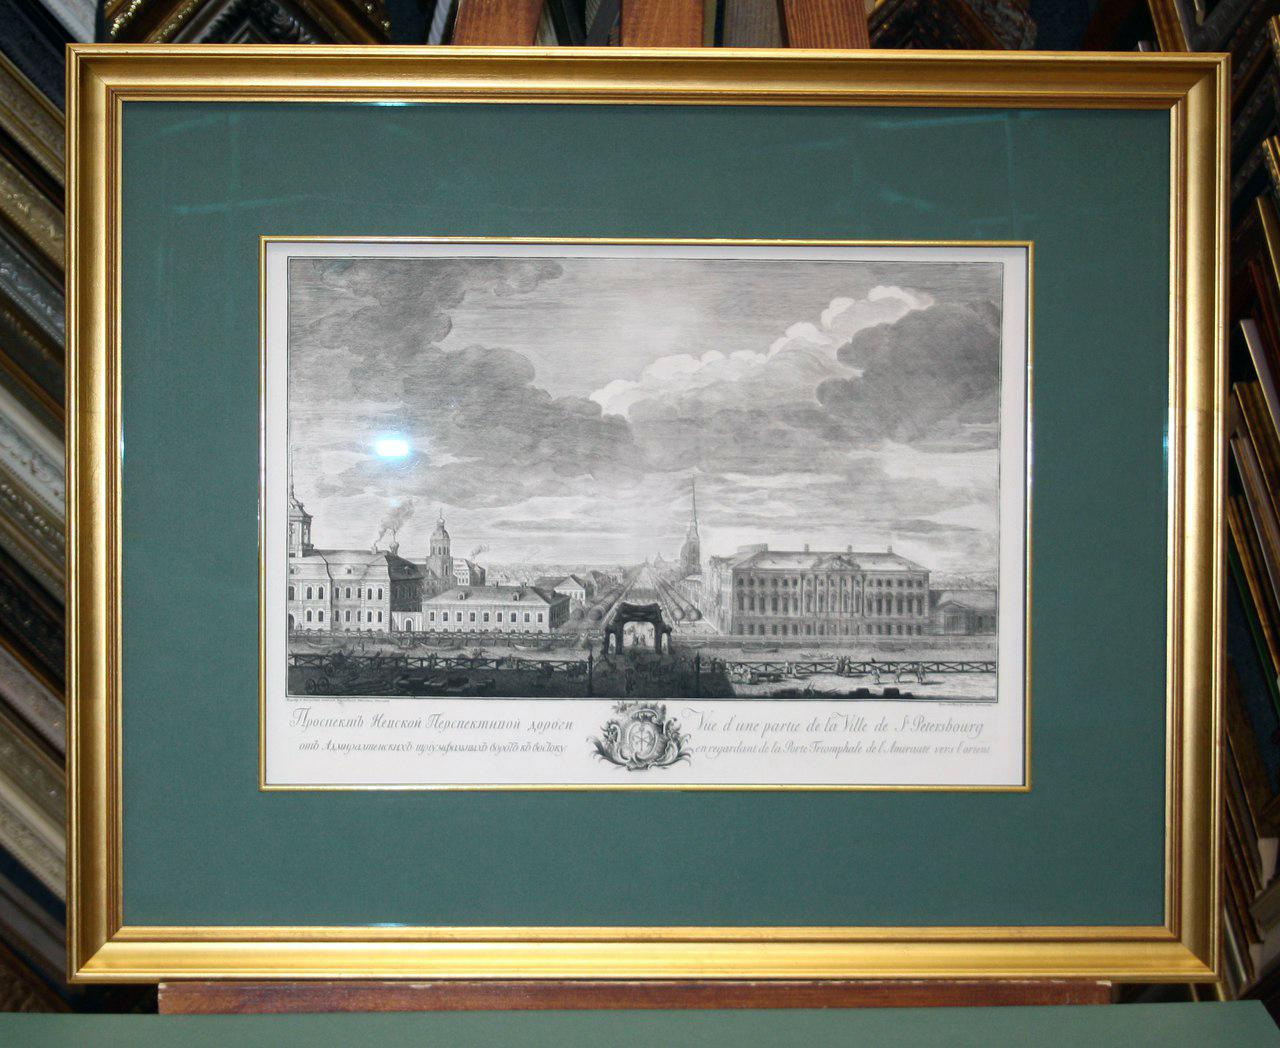 Печать гравюры Санкт-Петербурга 18-го века с оформлением в деревянную раму с паспарту с деревянным слипом и музейным стеклом